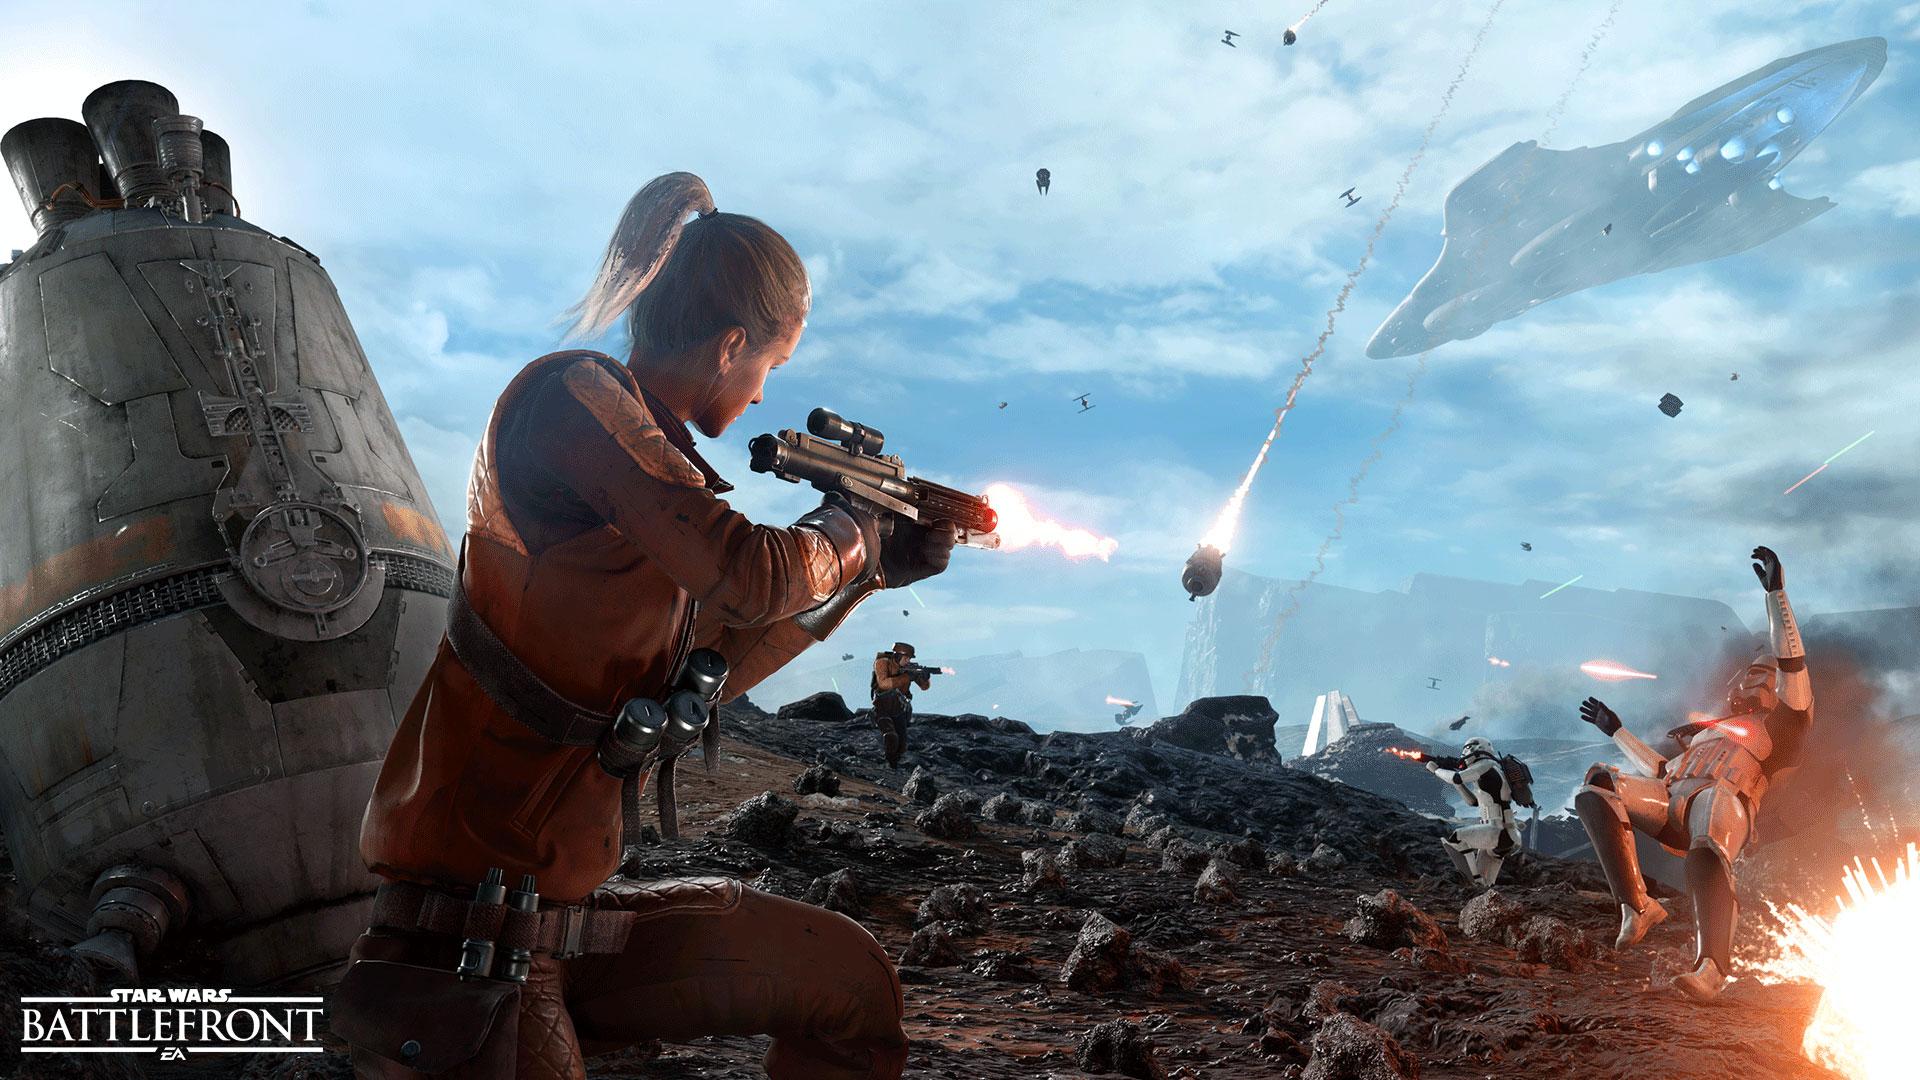 El modo Área de Cápsulas estará disponible en la beta de Star Wars Battlefront que se lanzará este octubre en PC.